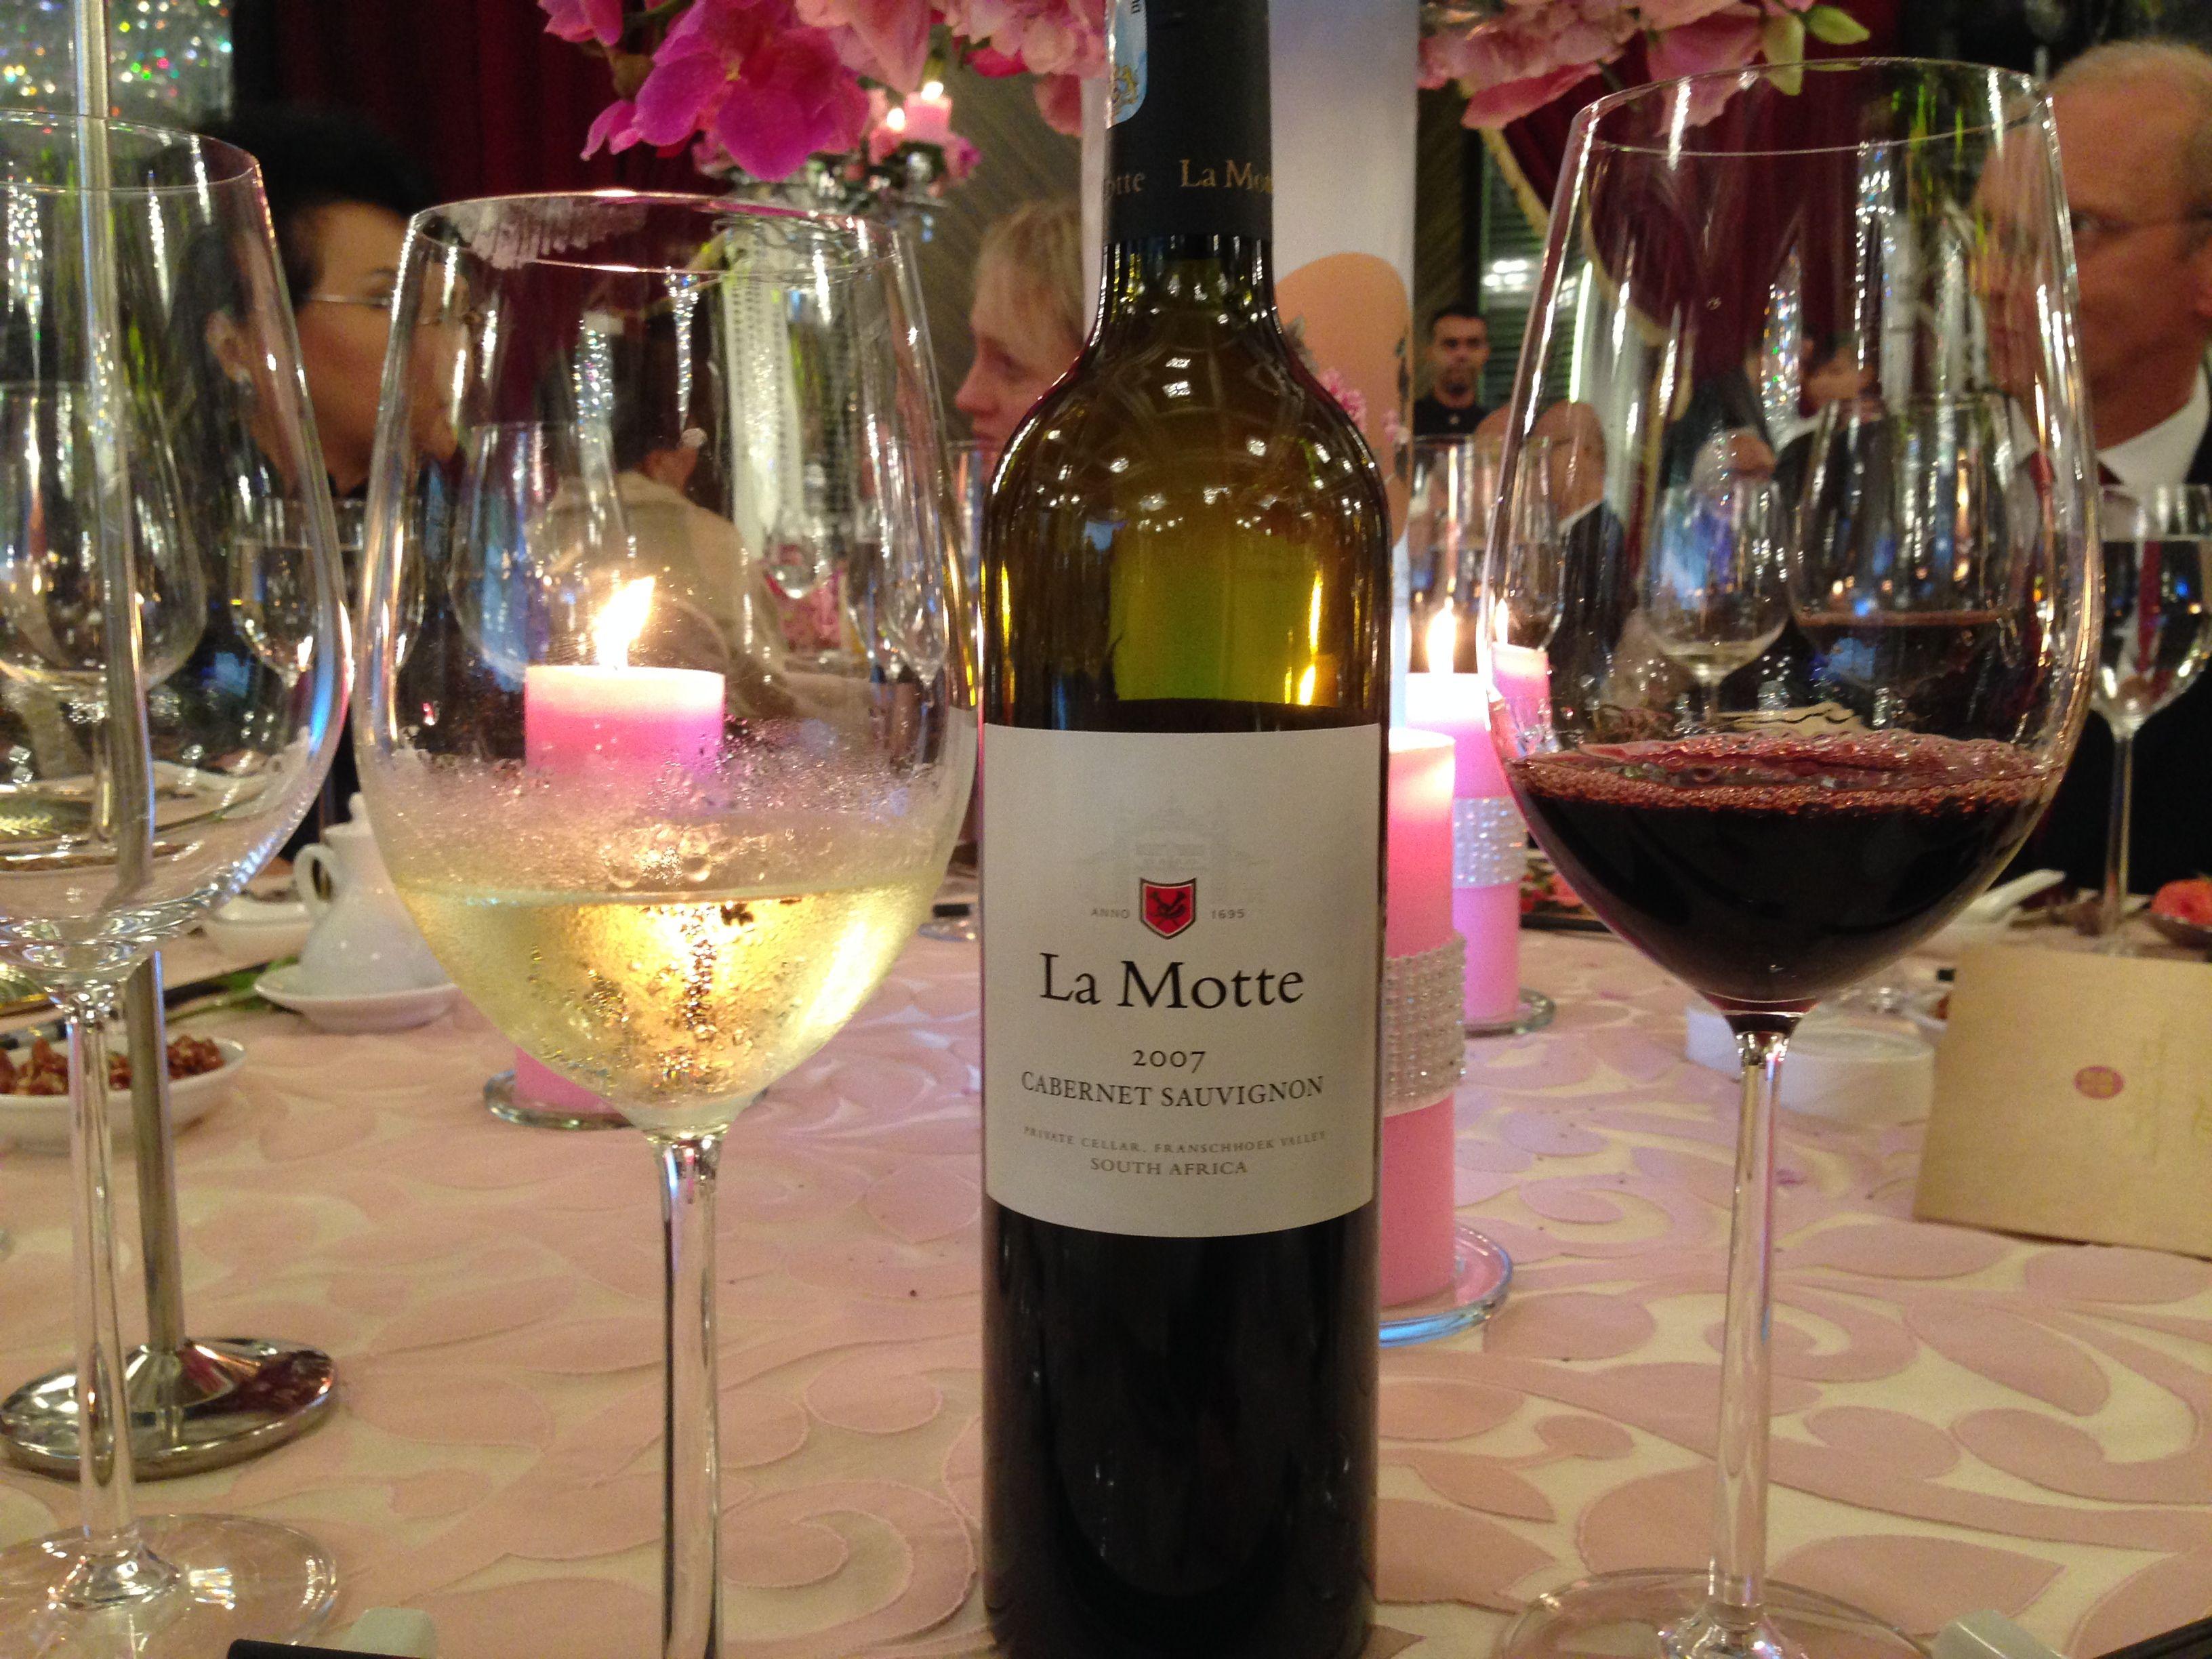 Pin By Hein Koegelenberg On Share Your Fav South African Wines South African Wine Wines Sauvignon